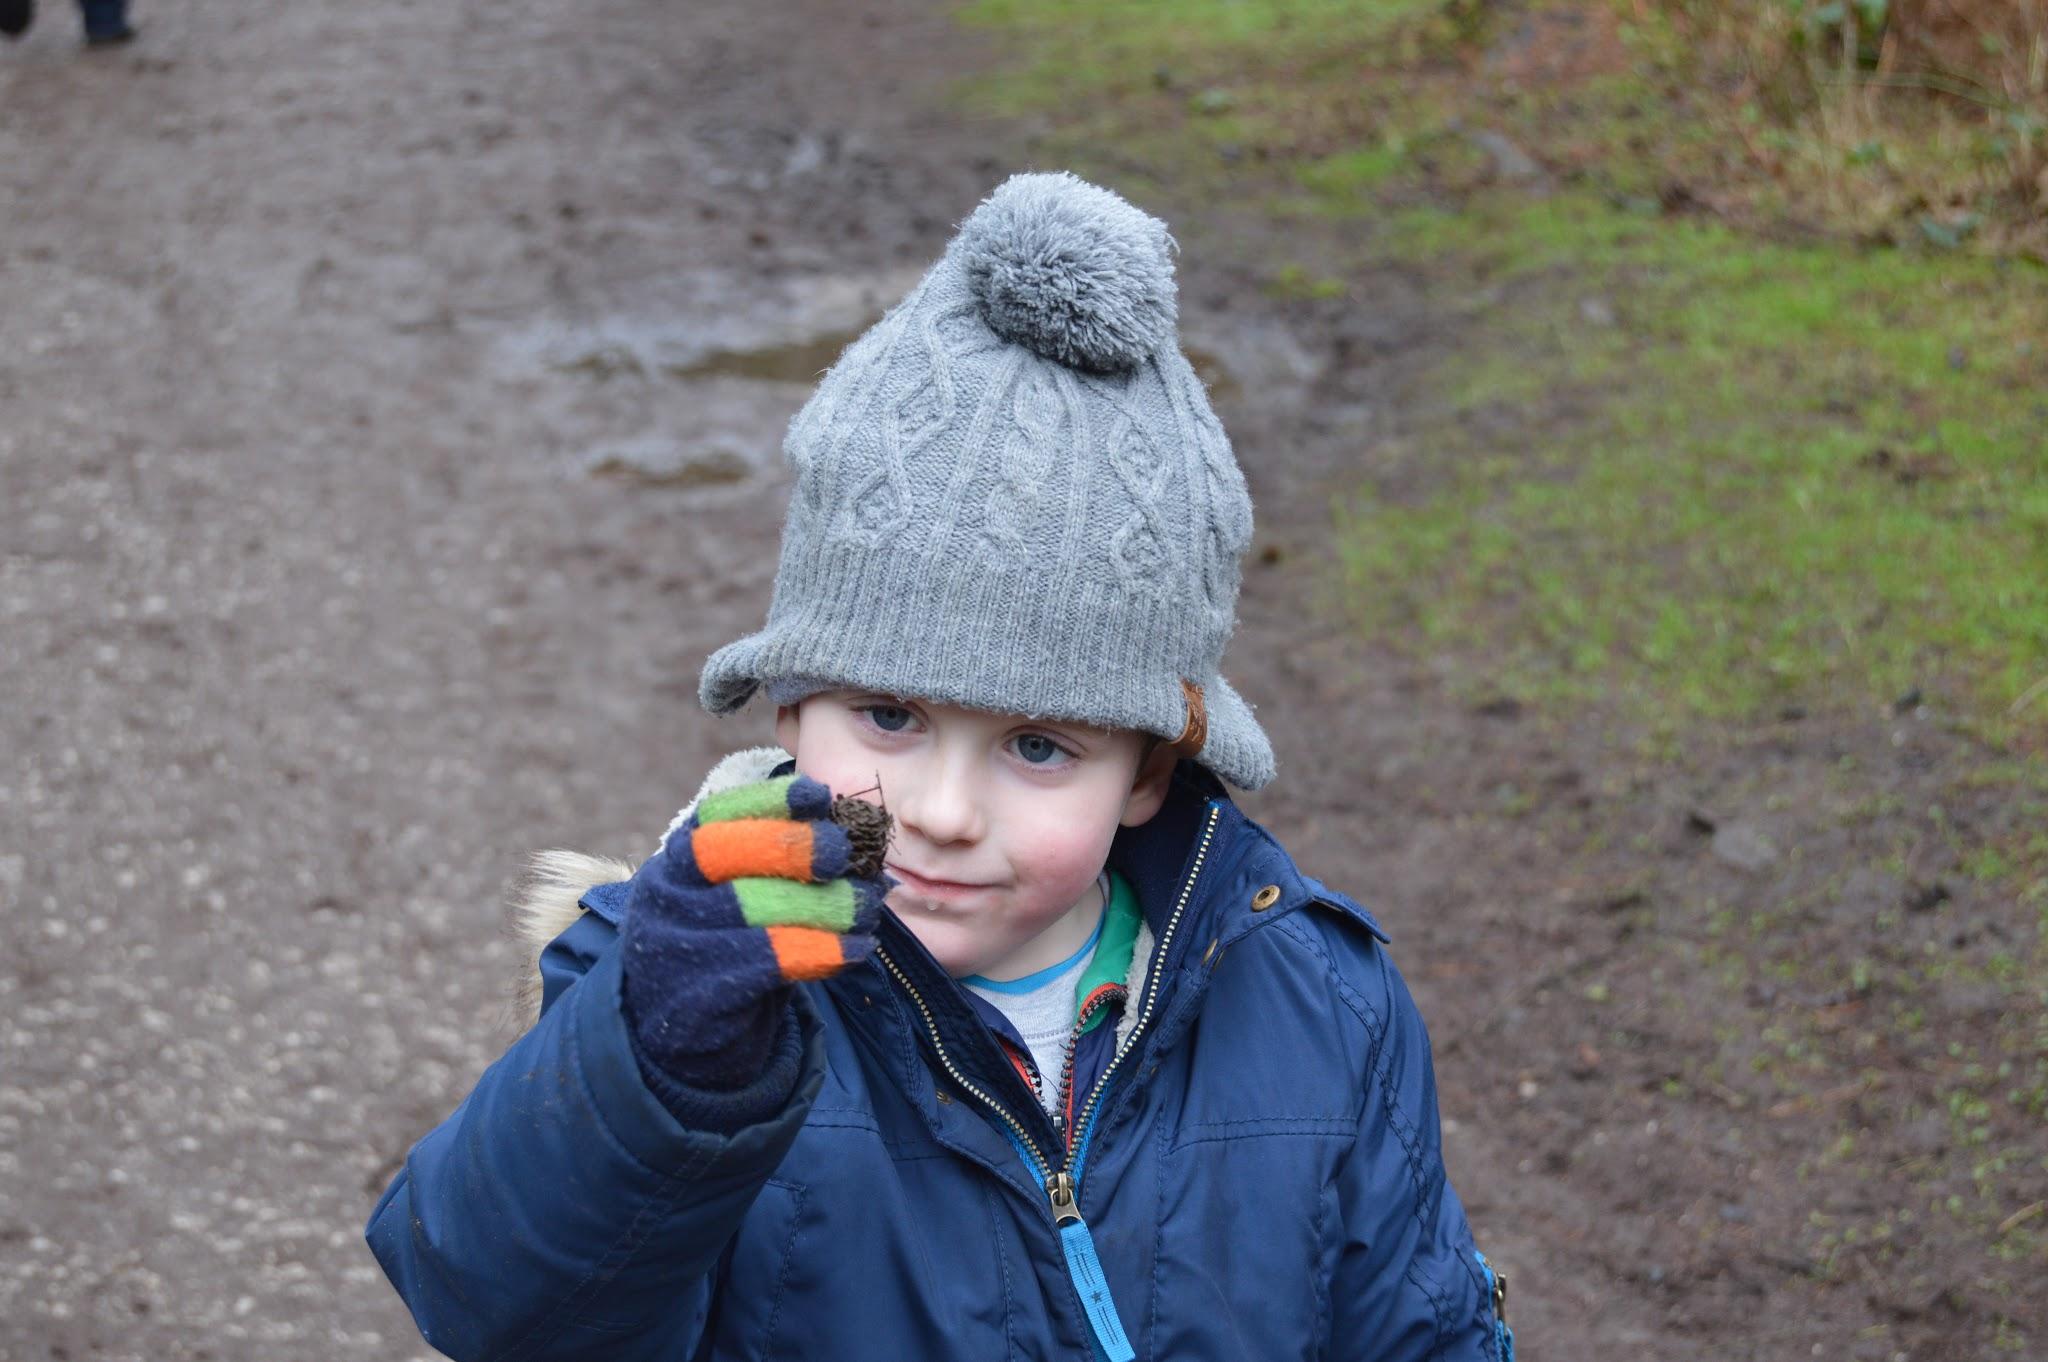 Boy holding a leaf